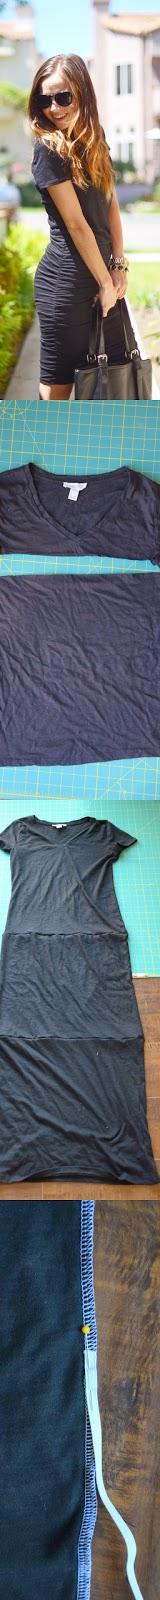 DIY hacer un vestido fácil con 3 camisetas y un elástico